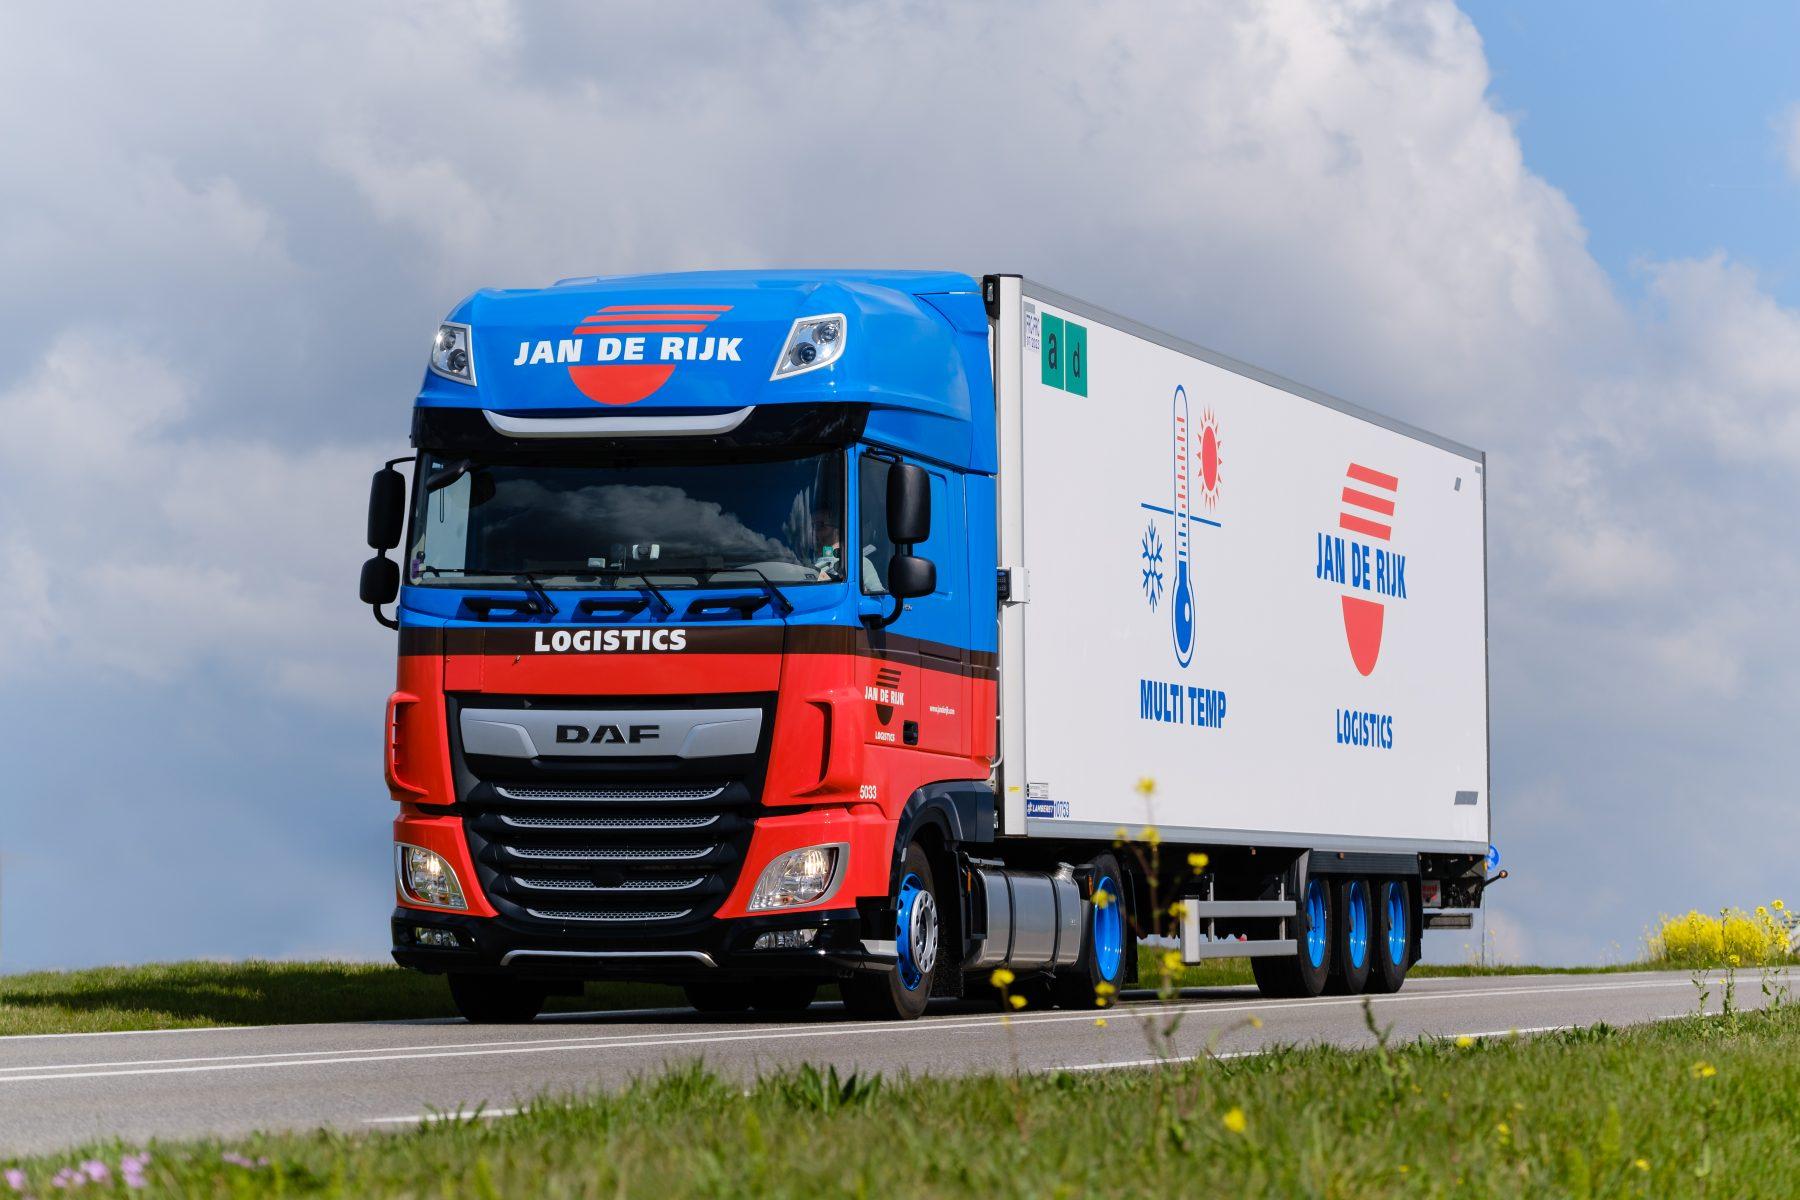 Jan de Rijk Logistics truck